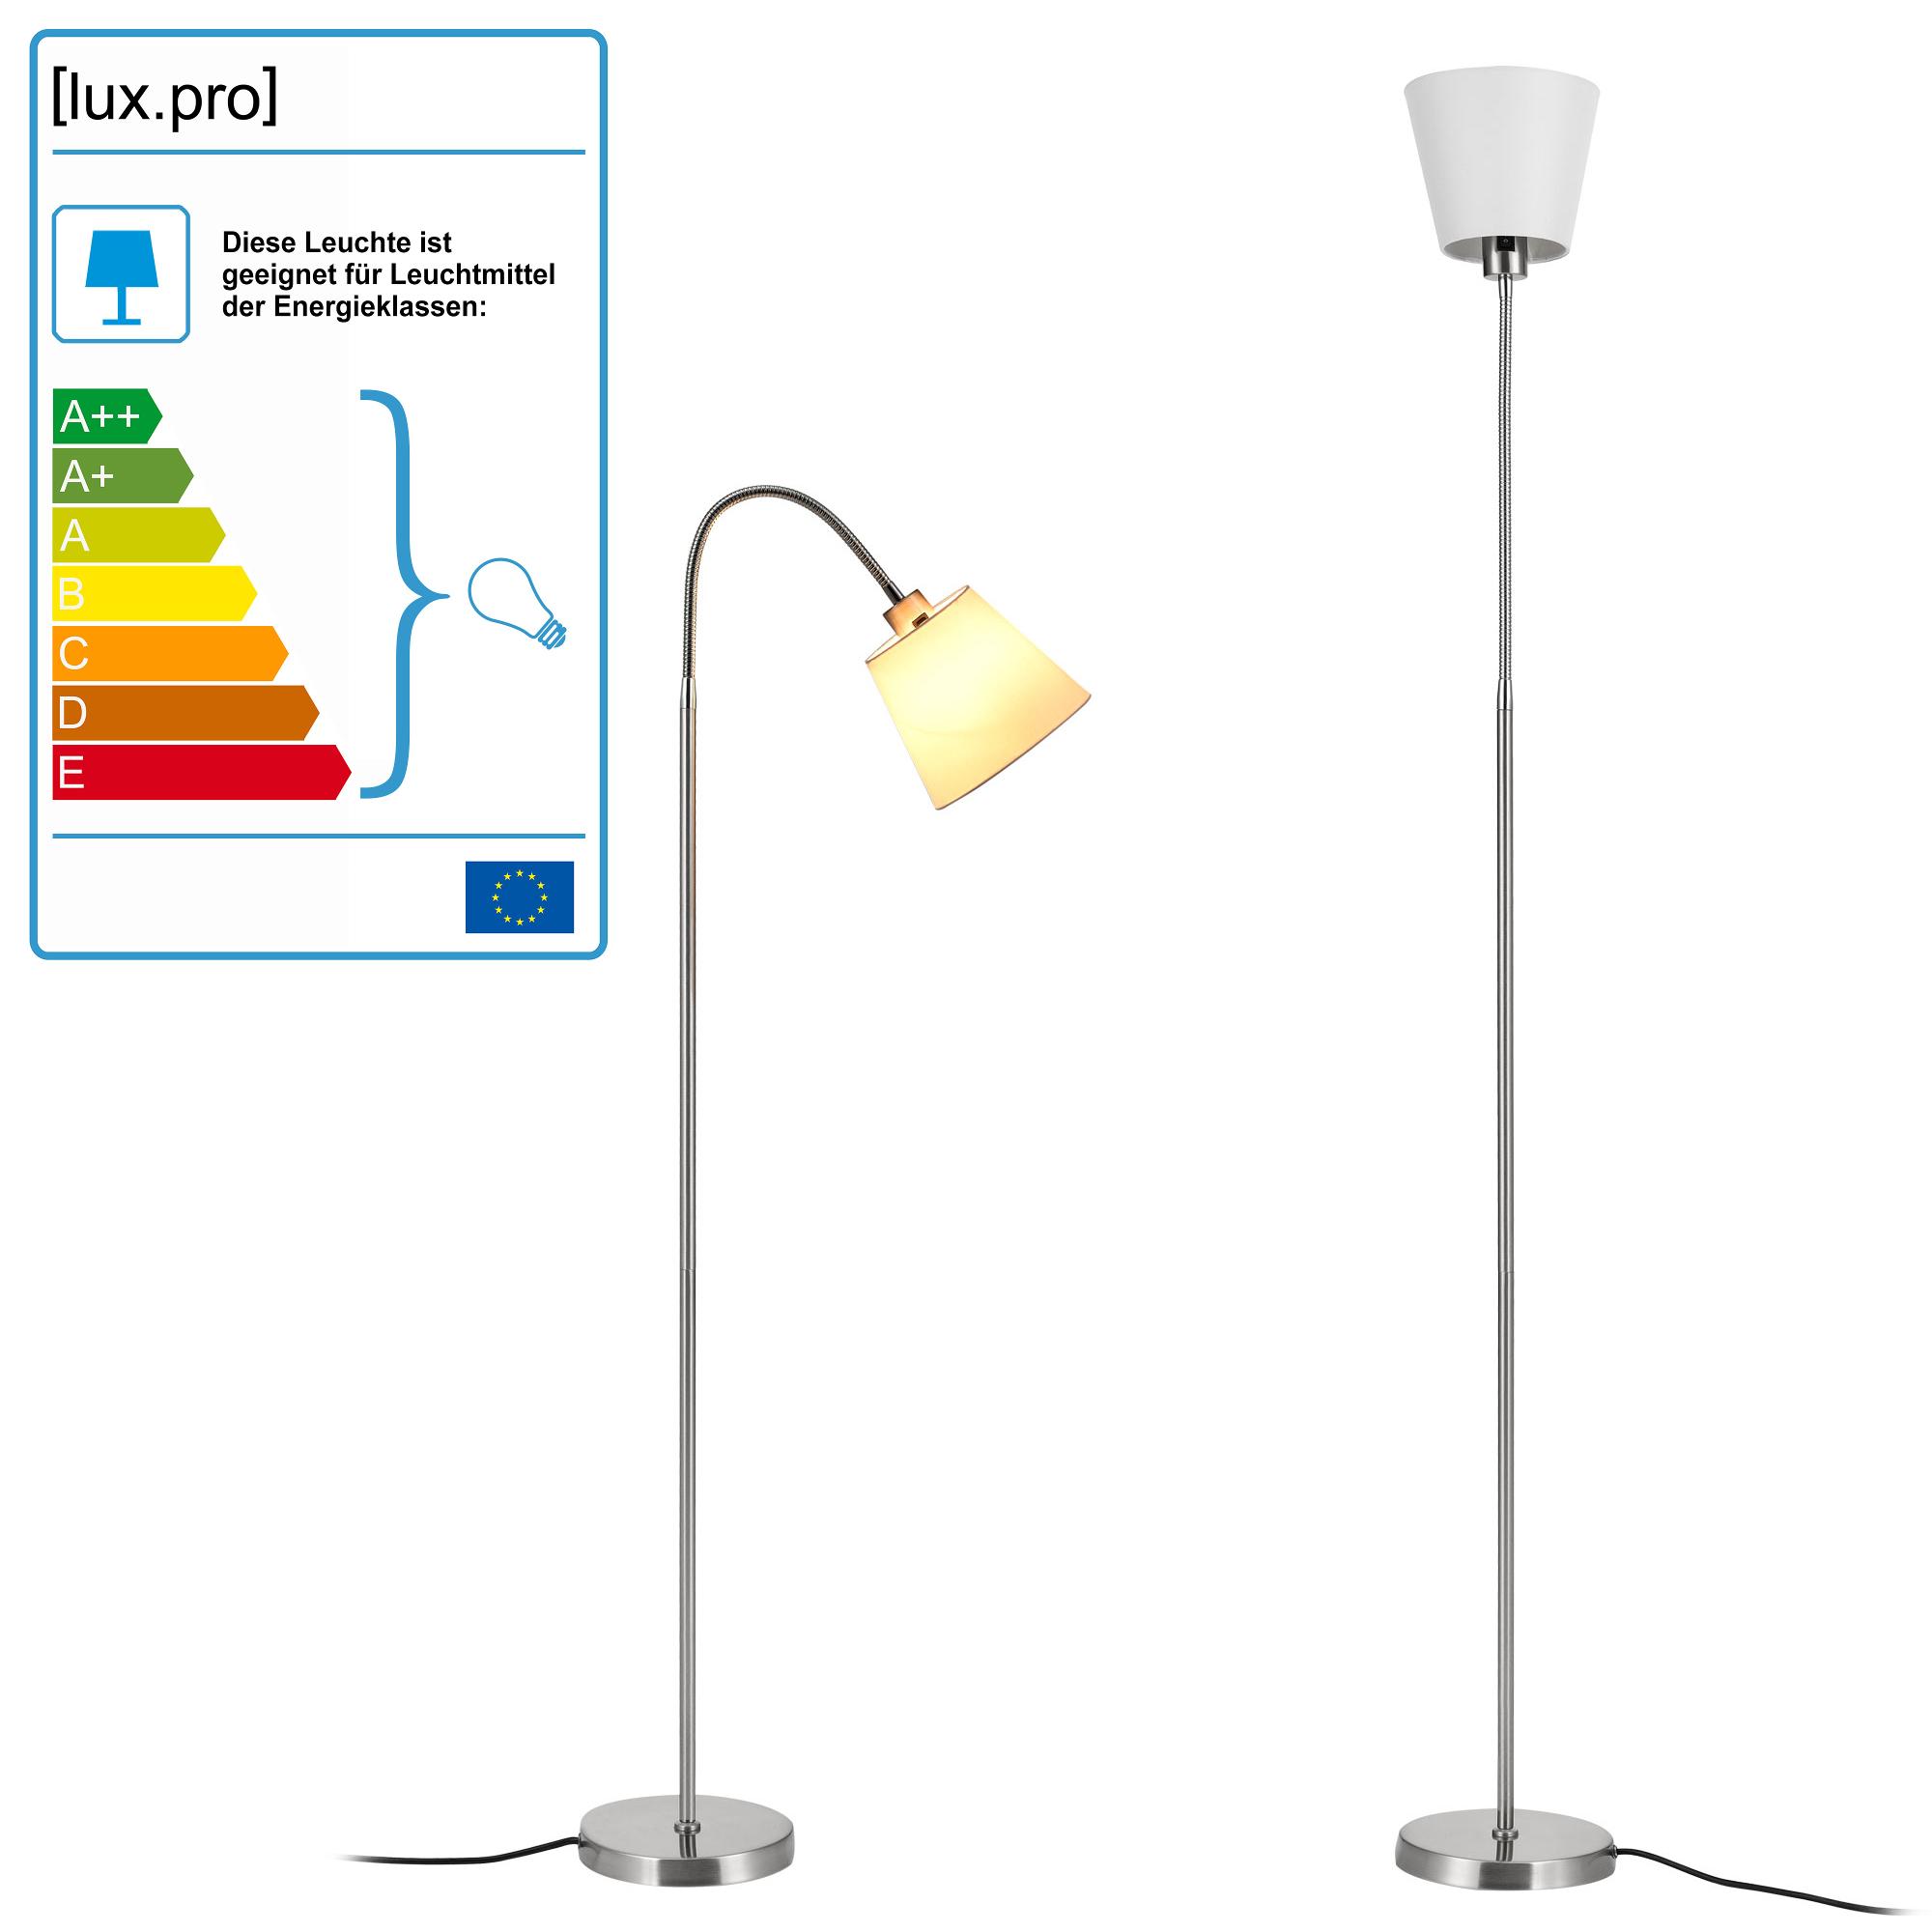 Lux Pro Stehleuchte Stehlampe Design Lampe Leuchte Standleuchte